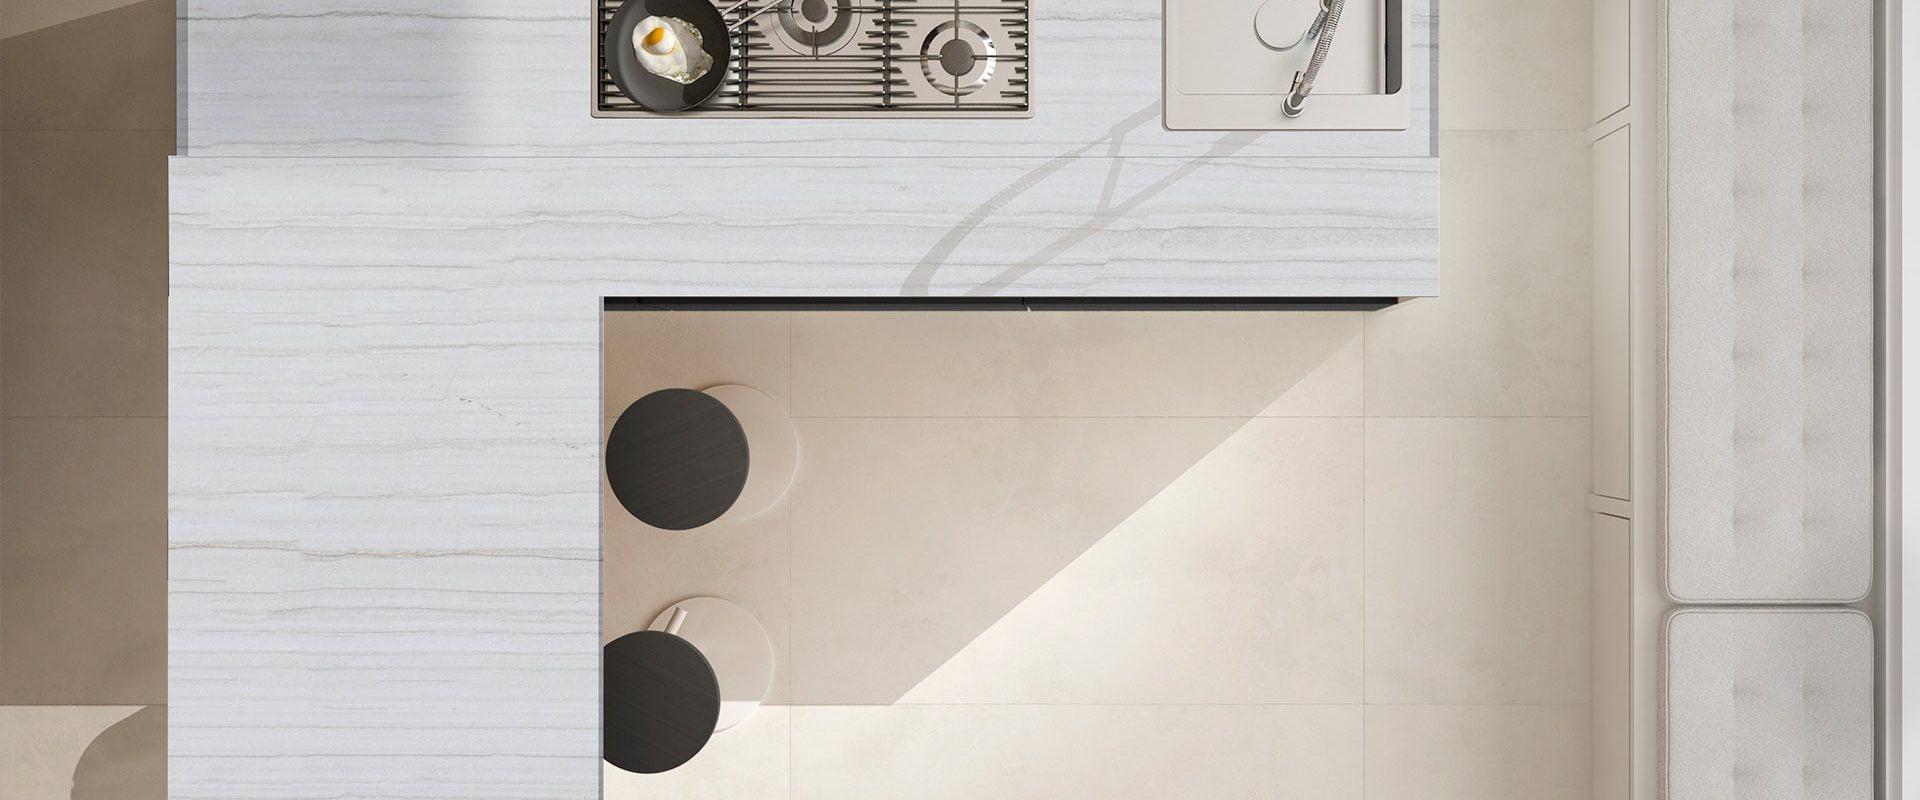 cozinha-top-view-white-macaubas